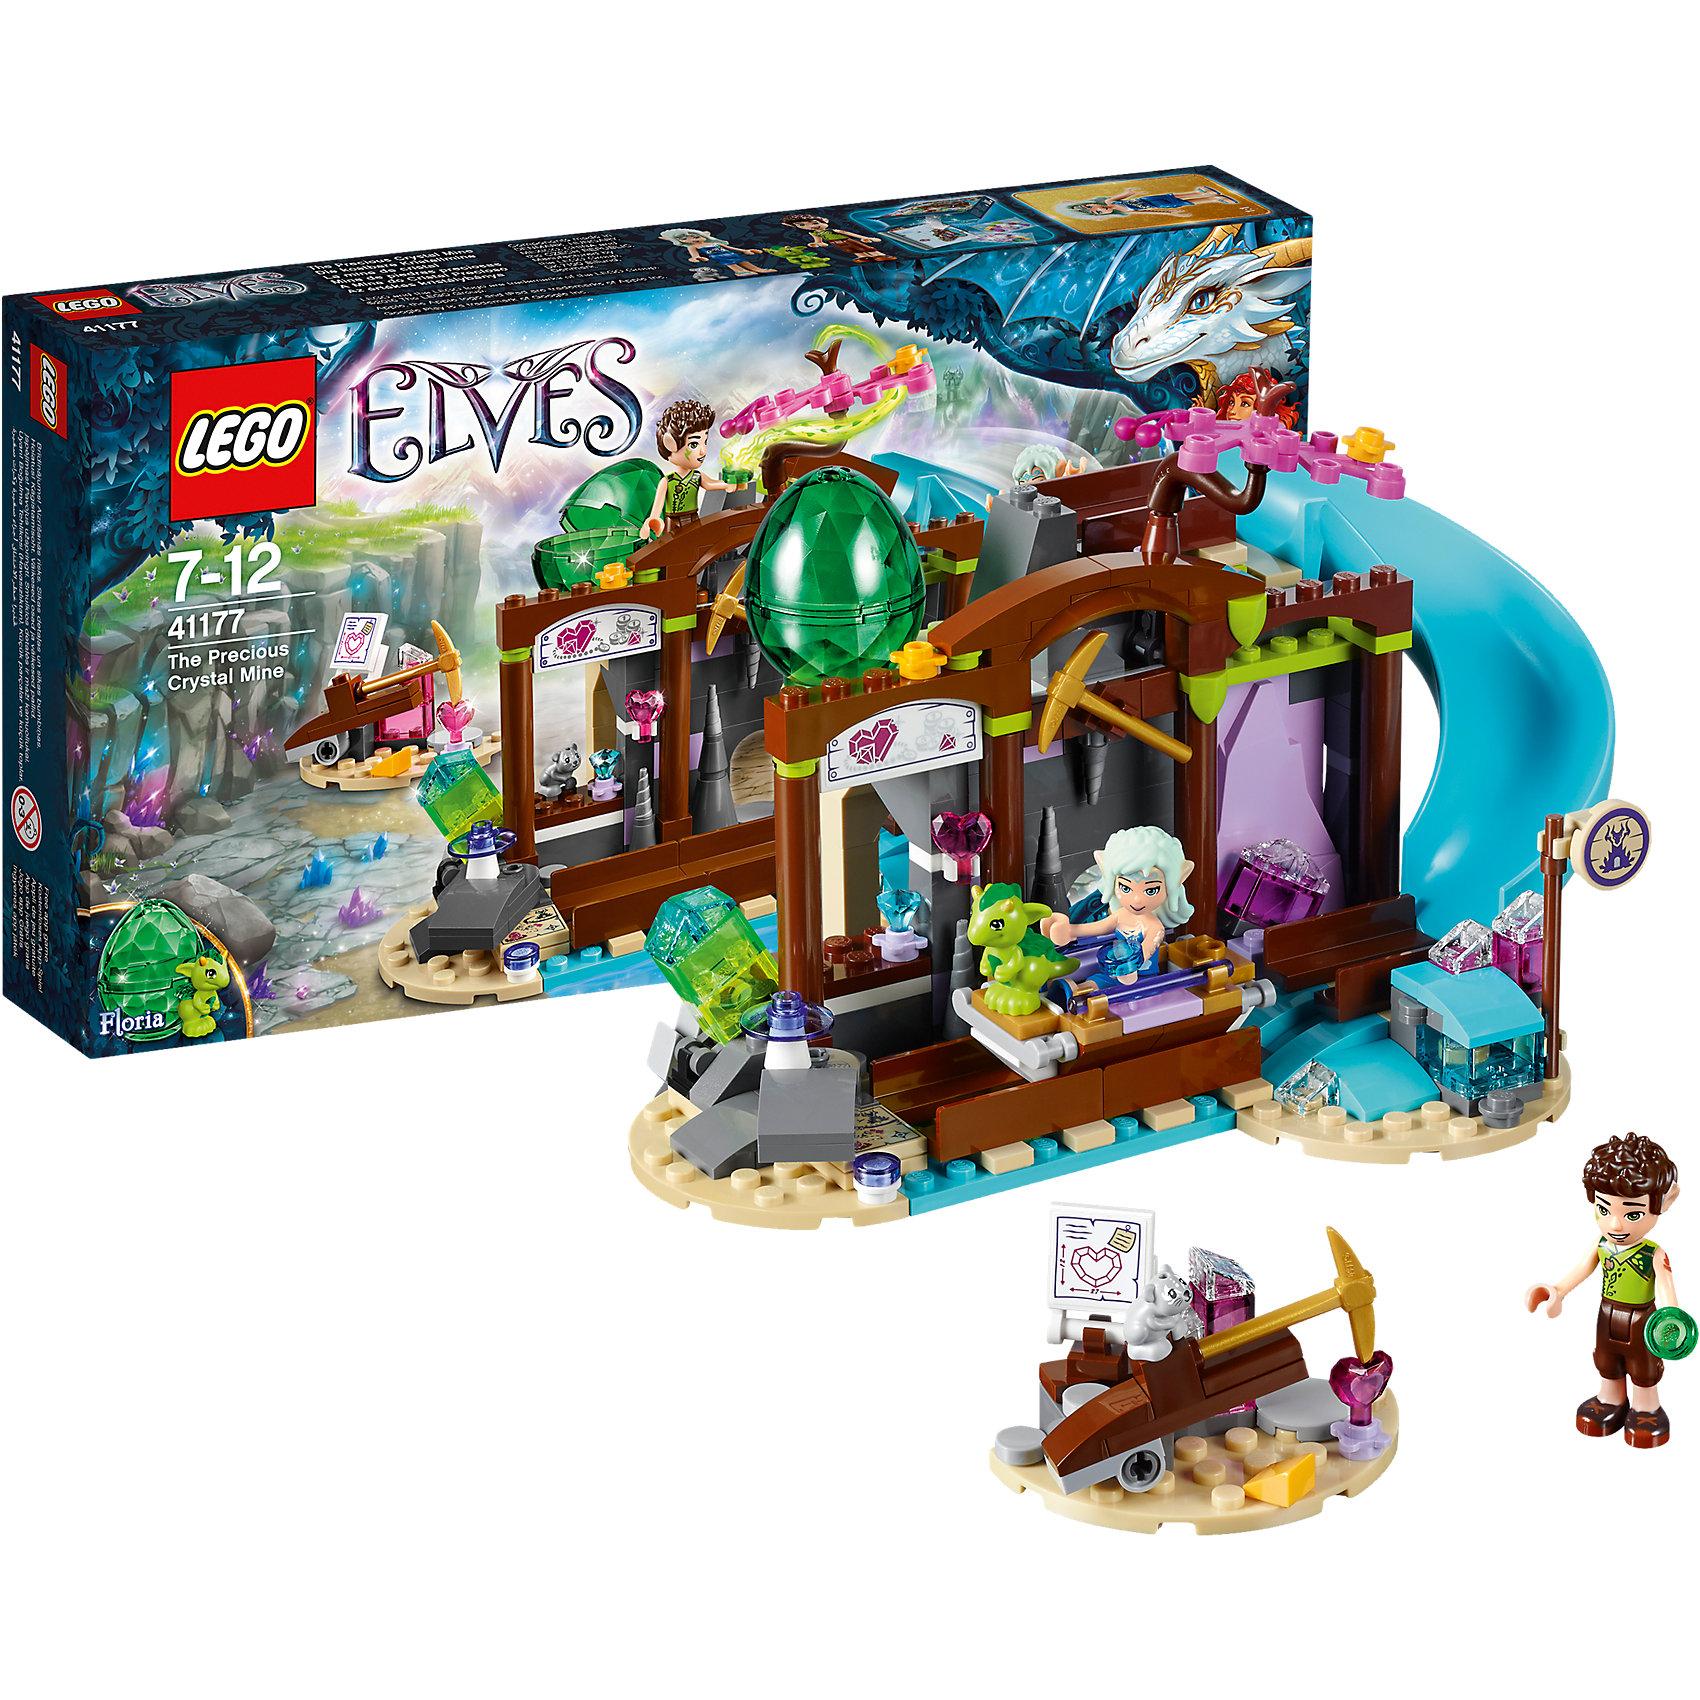 LEGO Elves 41177: Кристальная шахтаКто не любит волшебных эльфов? Конструкторы из серии LEGO Elves полюбились многим современным детям, поэтому набор Лего, из которого можно собрать разные сюжеты про героев и её приключения, обязательно порадует ребенка. Такие игрушки помогают детям развивать воображение, мелкую моторику, логику и творческое мышление.<br>Набор состоит из множества деталей, с помощью которых можно  собрать декорации для игр, а также в нем есть фигурки любимых персонажей! С таким комплектом можно придумать множество игр!<br><br>Дополнительная информация:<br><br>цвет: разноцветный;<br>размер коробки: 35 х 5 х 19 см;<br>вес: 405 г;<br>материал: пластик;<br>количество деталей: 273.<br><br>Набор Кристальная шахта от бренда LEGO Elves можно купить в нашем магазине.<br><br>Ширина мм: 351<br>Глубина мм: 192<br>Высота мм: 63<br>Вес г: 423<br>Возраст от месяцев: 84<br>Возраст до месяцев: 144<br>Пол: Женский<br>Возраст: Детский<br>SKU: 4641231